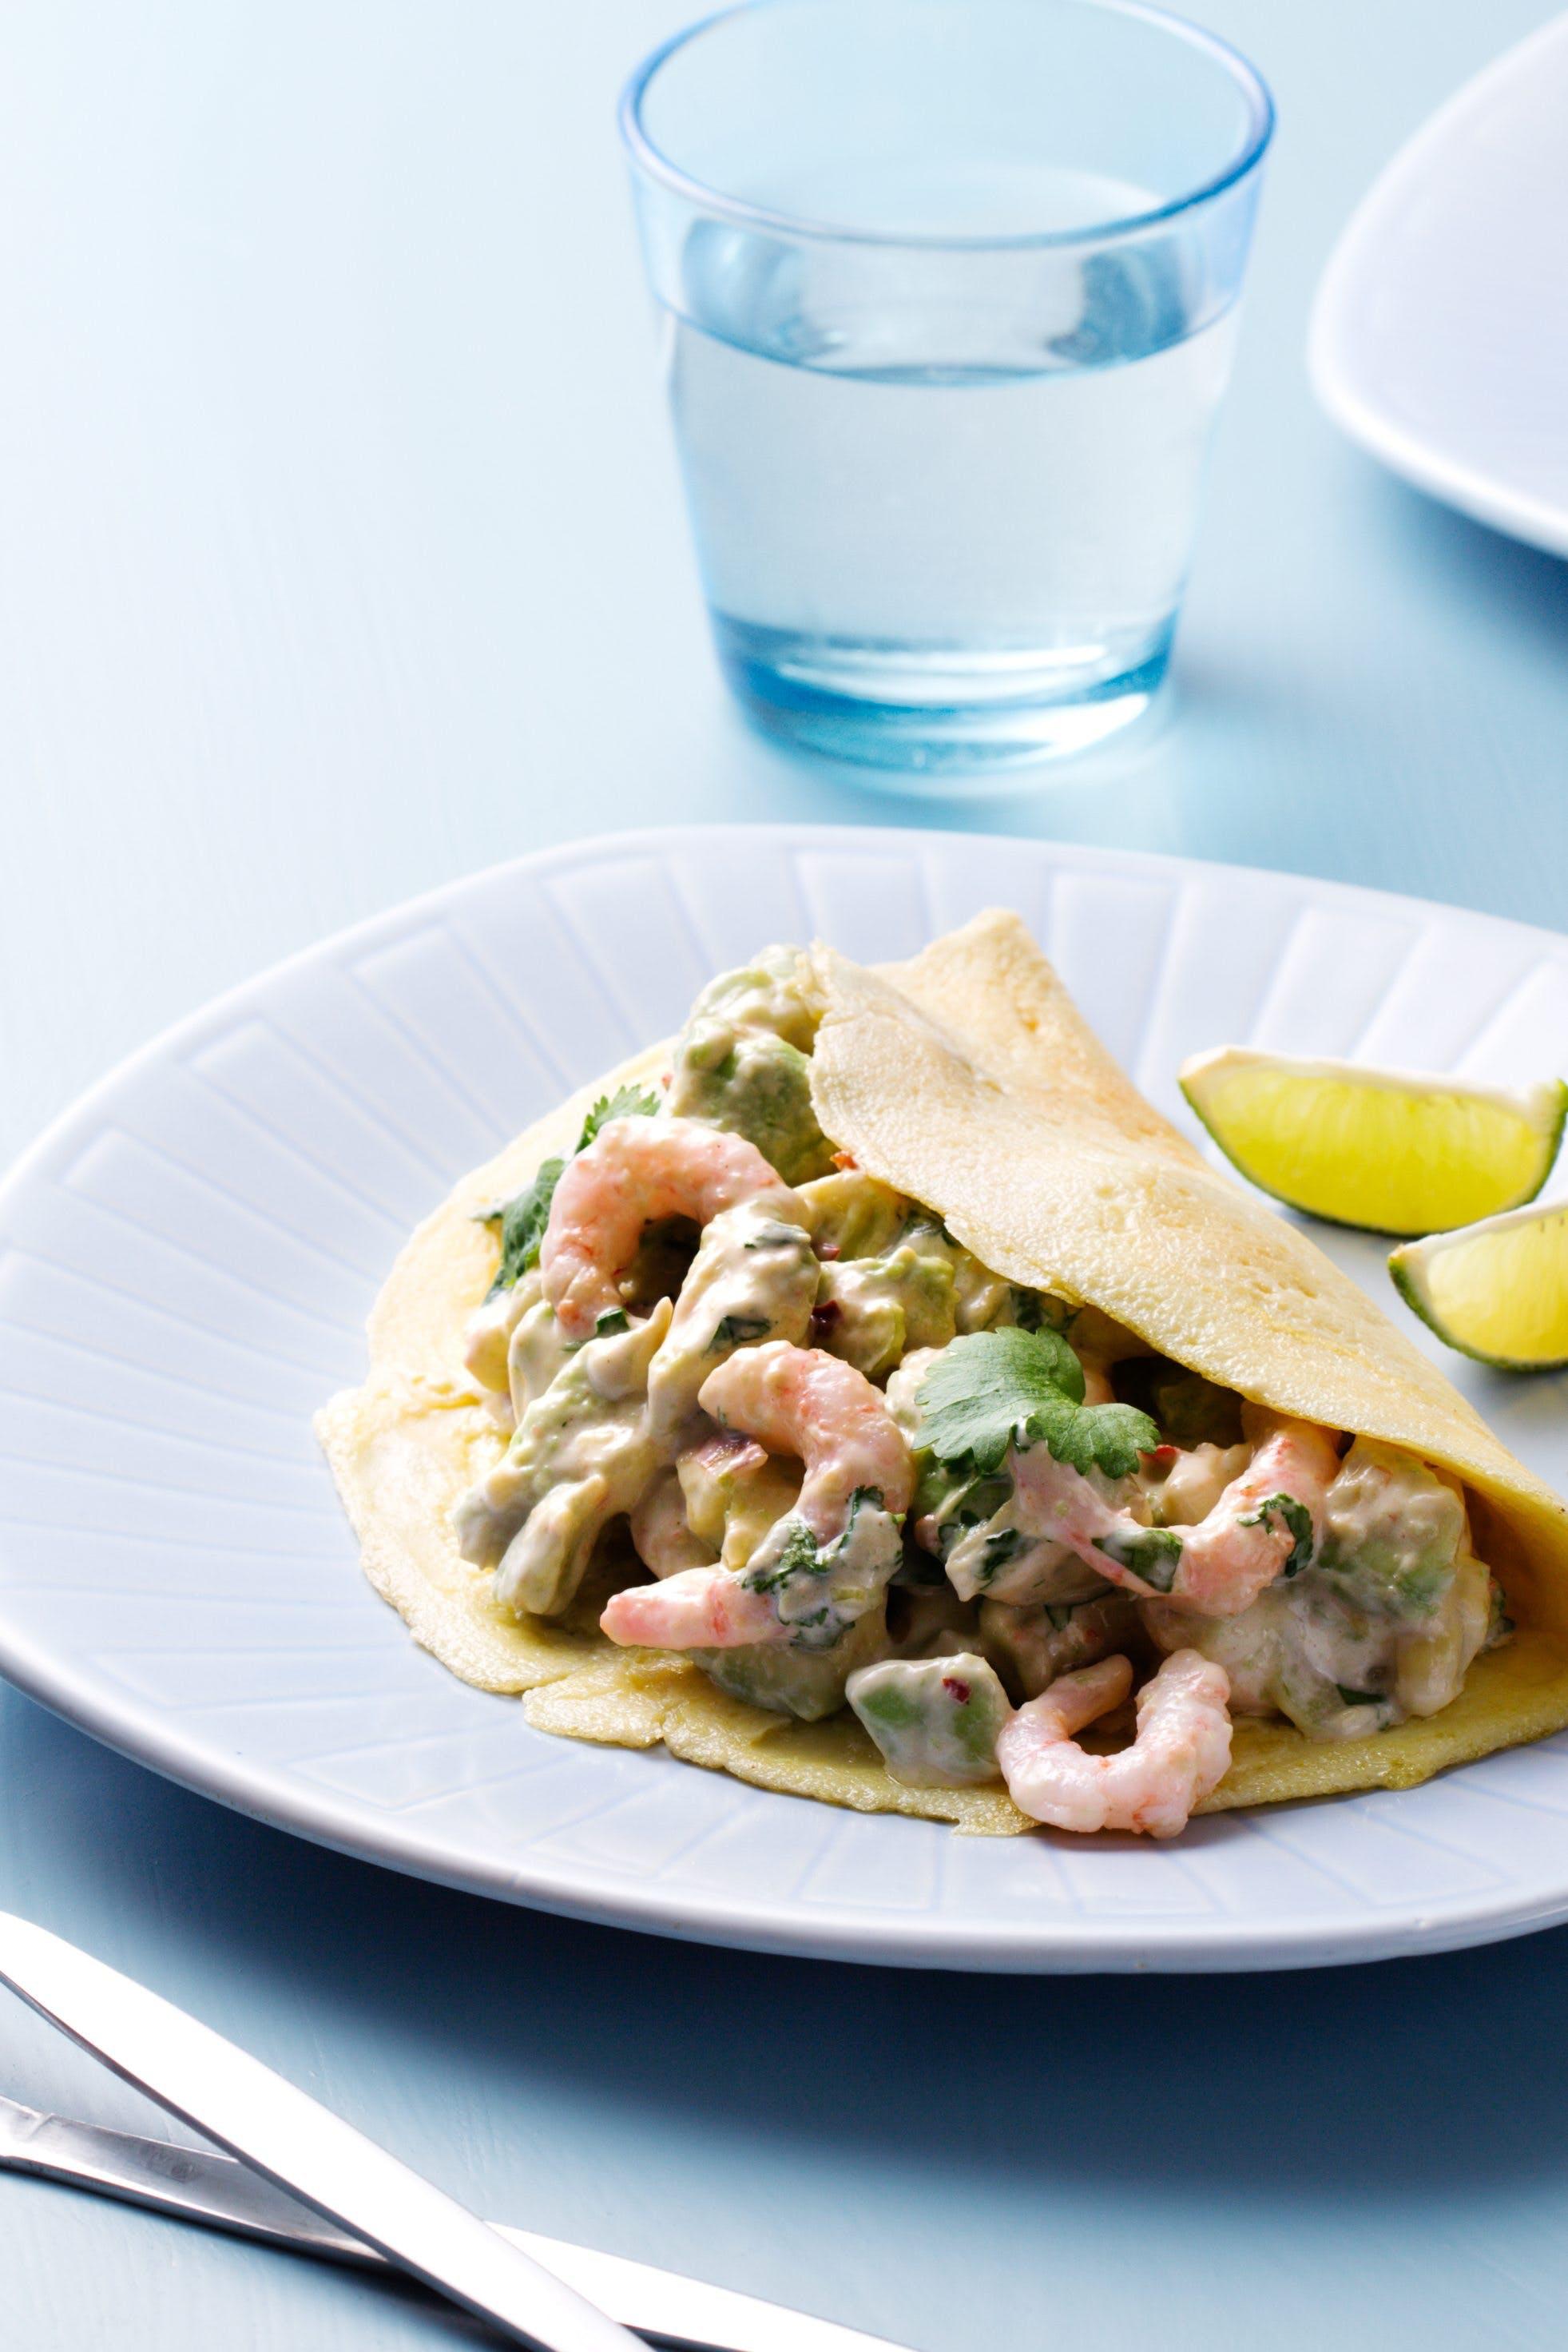 Keto wraps with avocado and shrimp salad